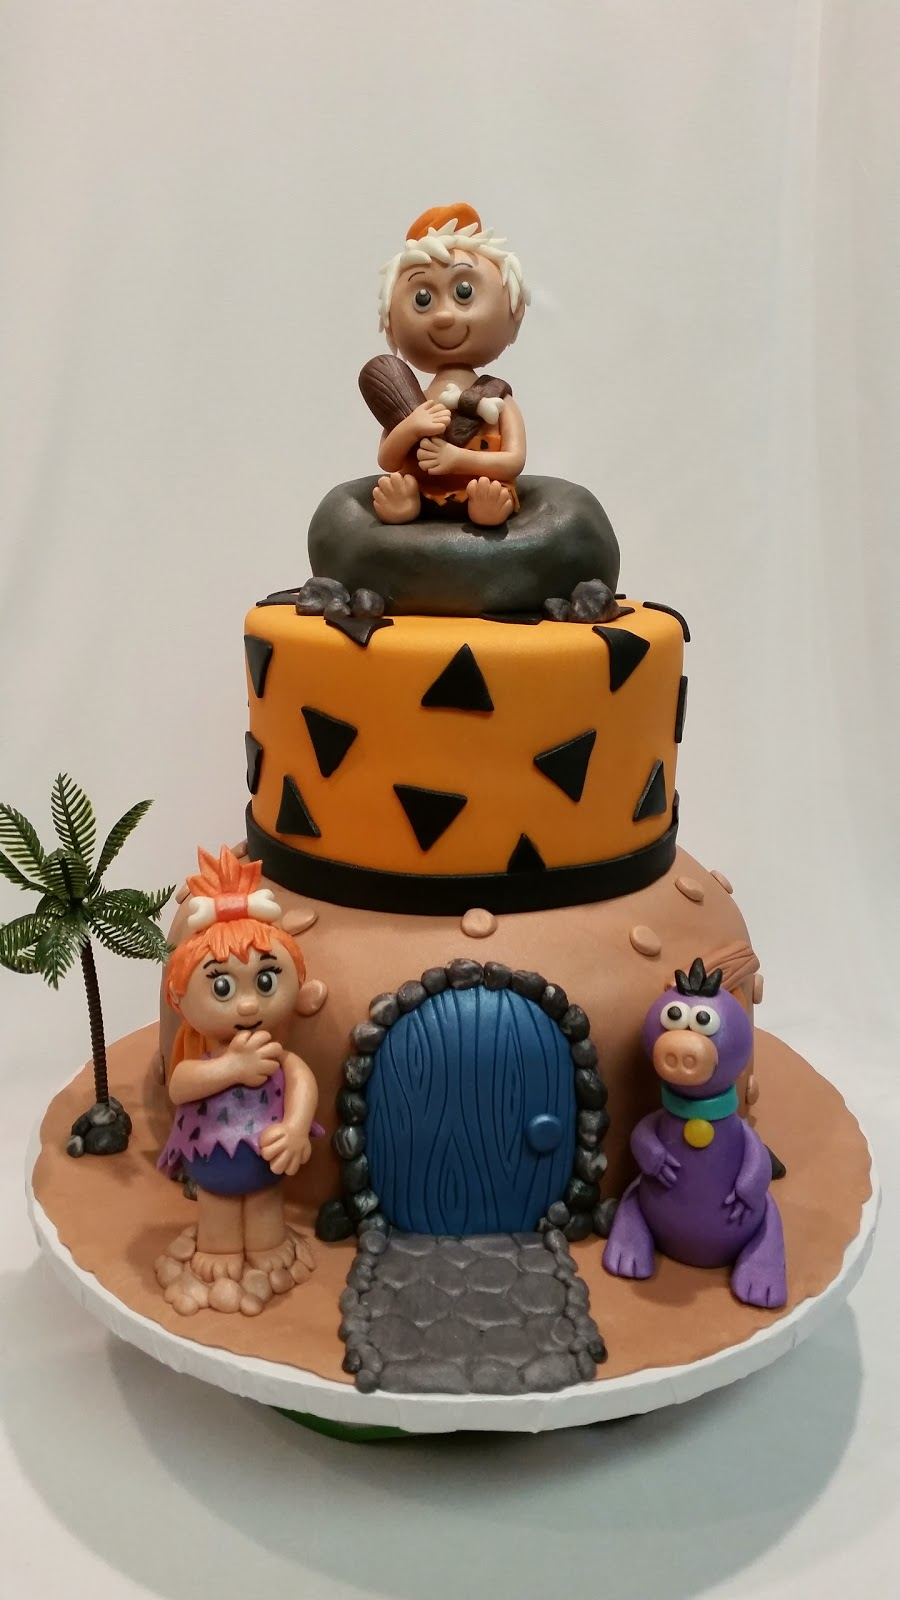 Pebbles And Bam Bam Cake